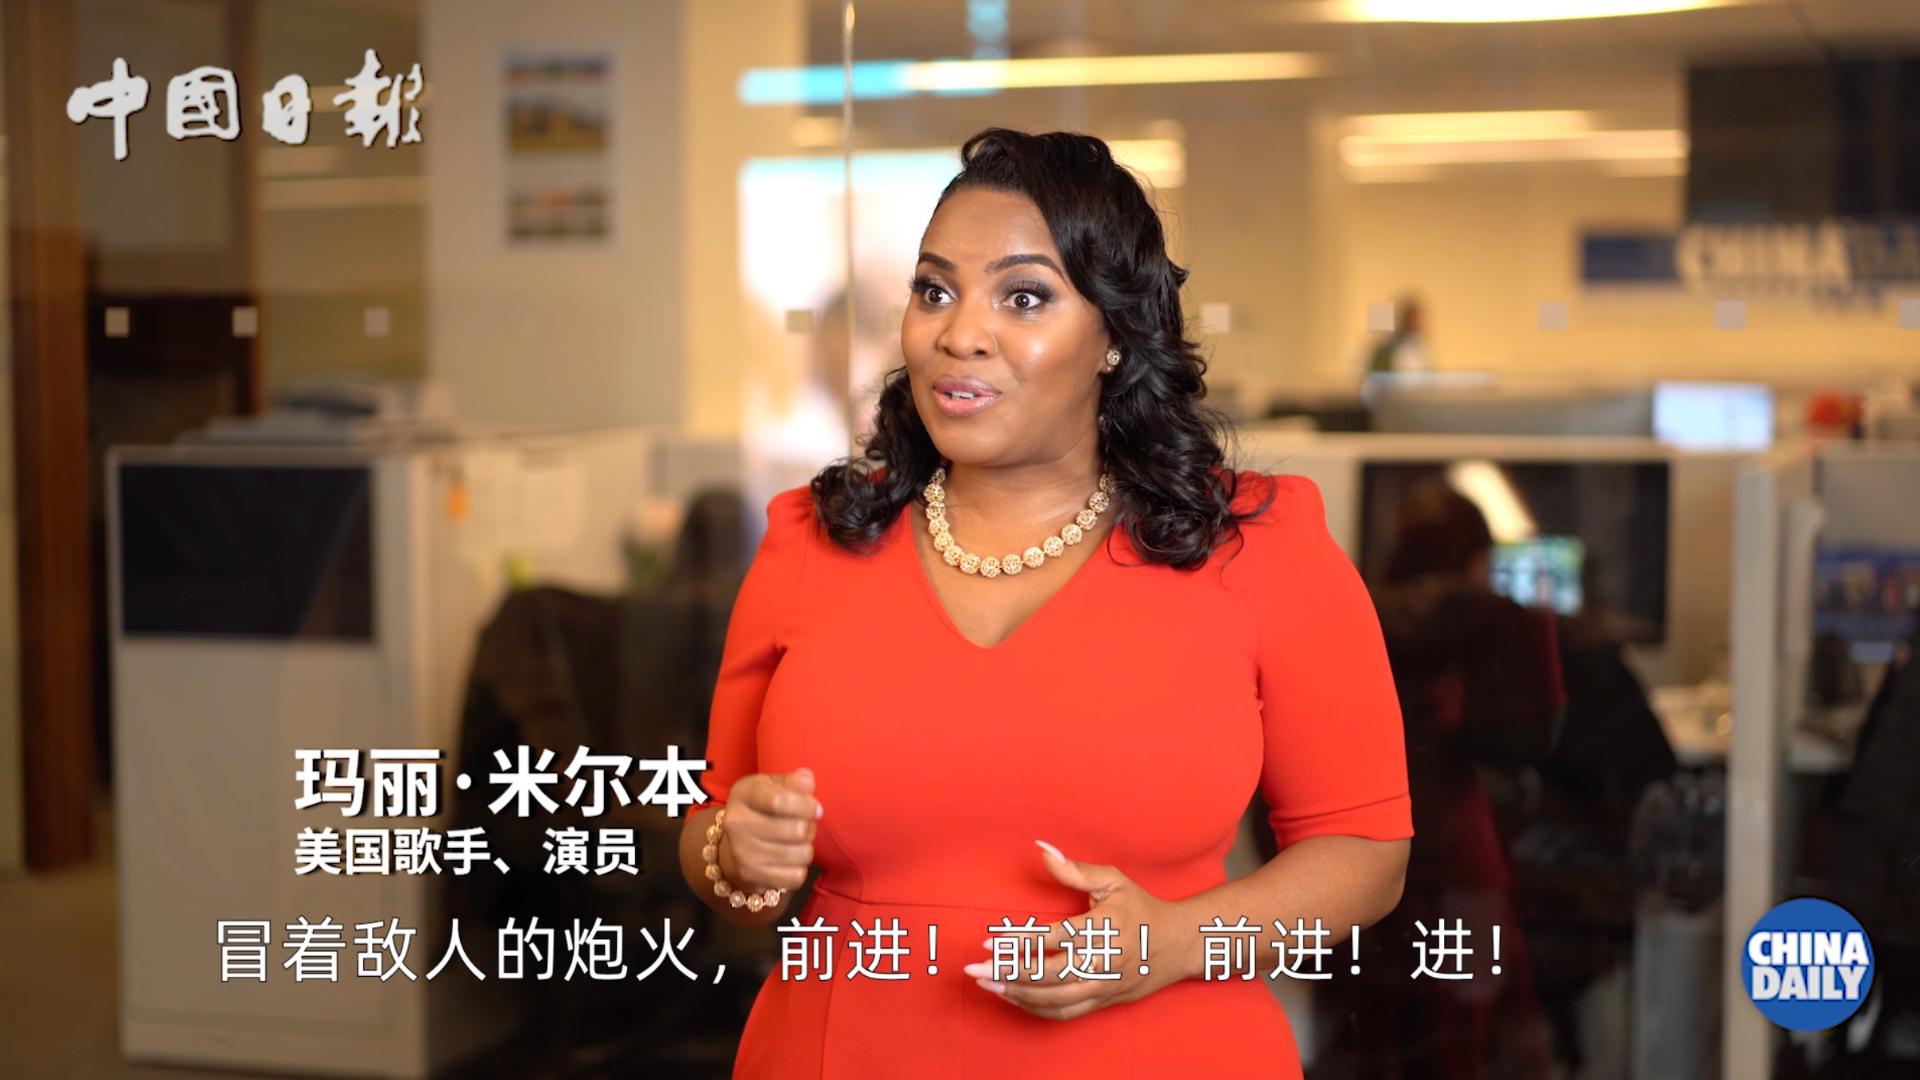 美国歌手用中文演唱中国国歌为中国加油